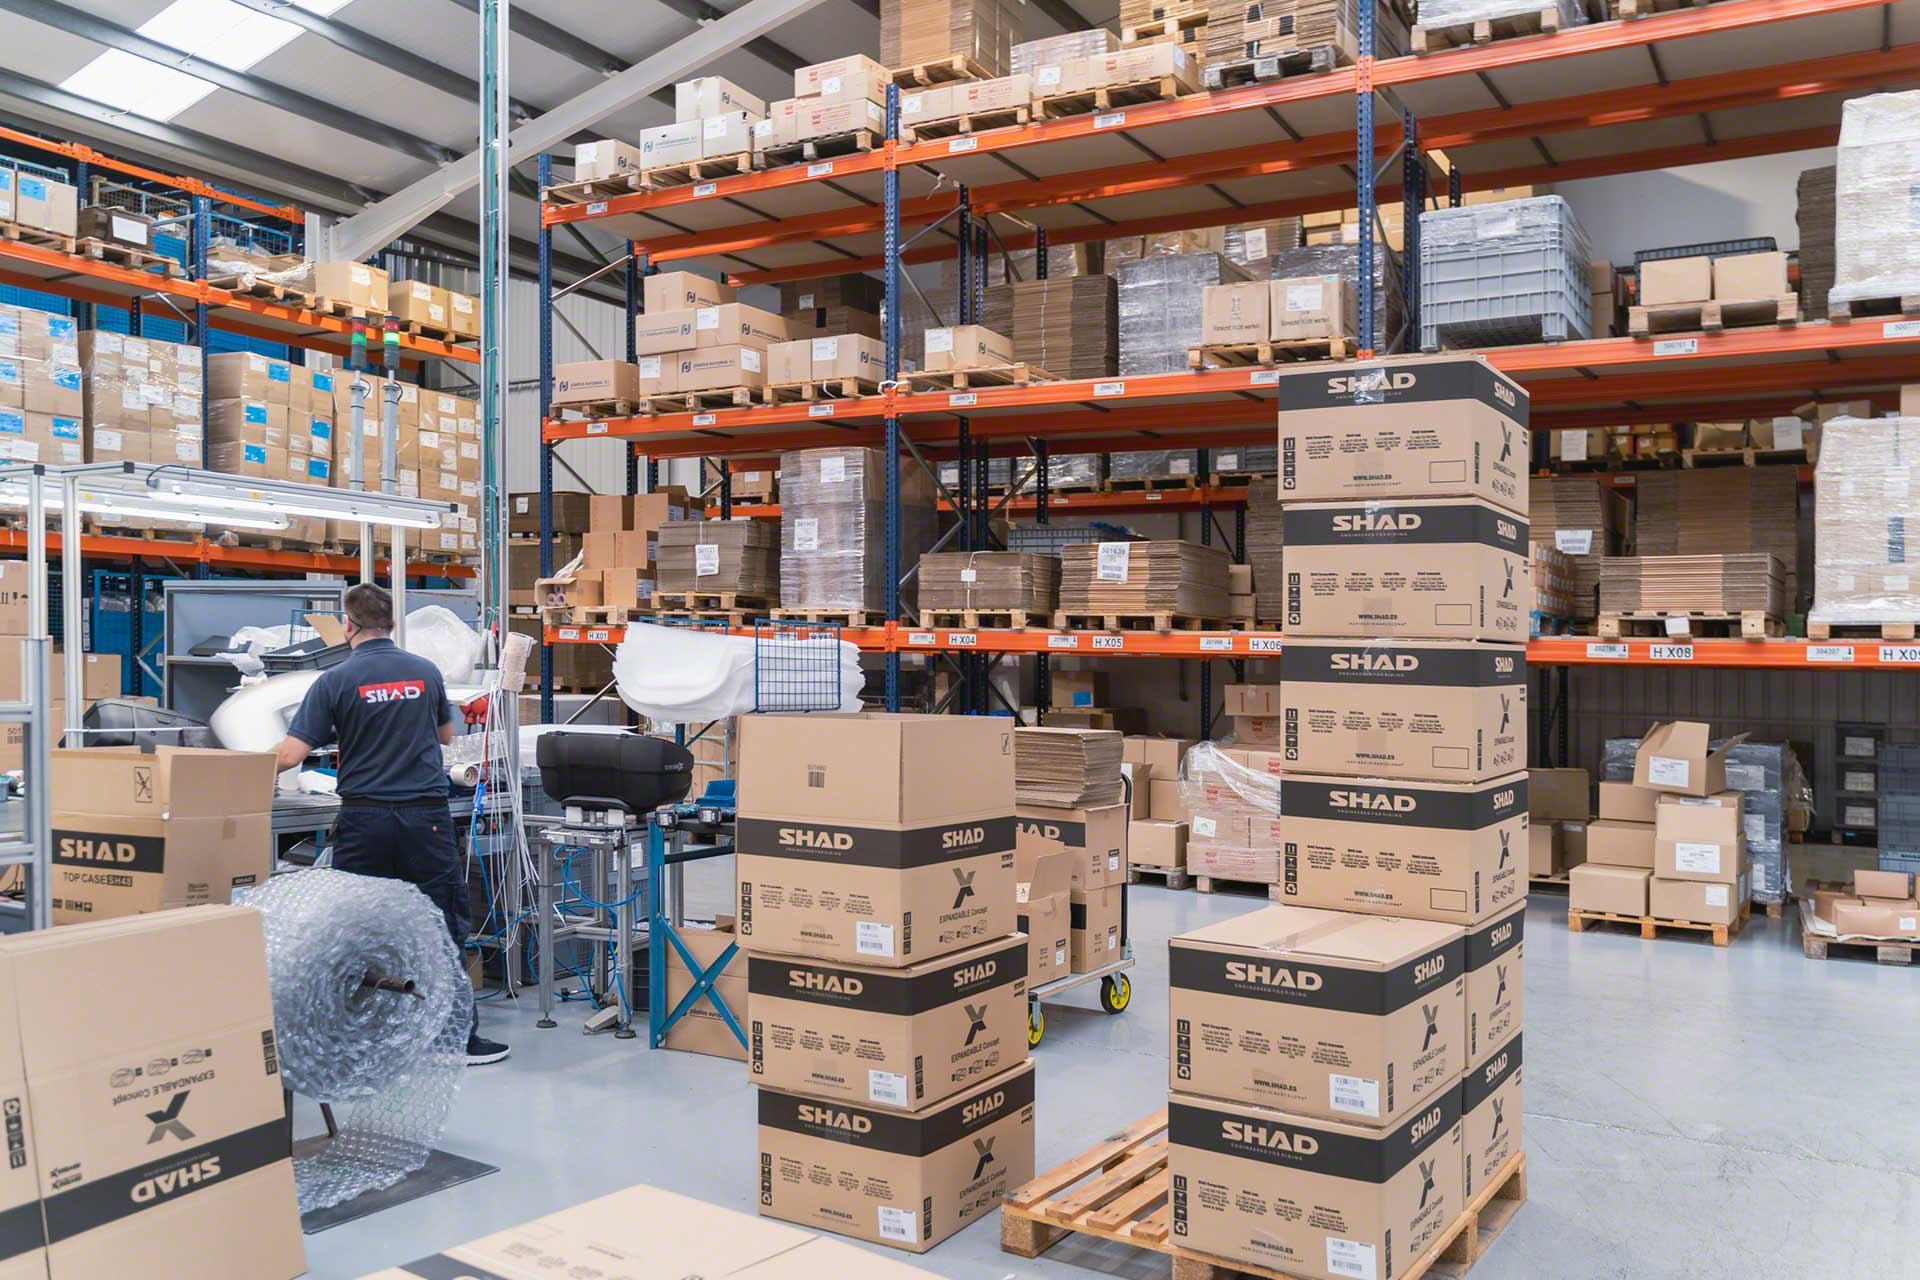 La preparación de pedidos flexible permite expedir desde cualquier depósito